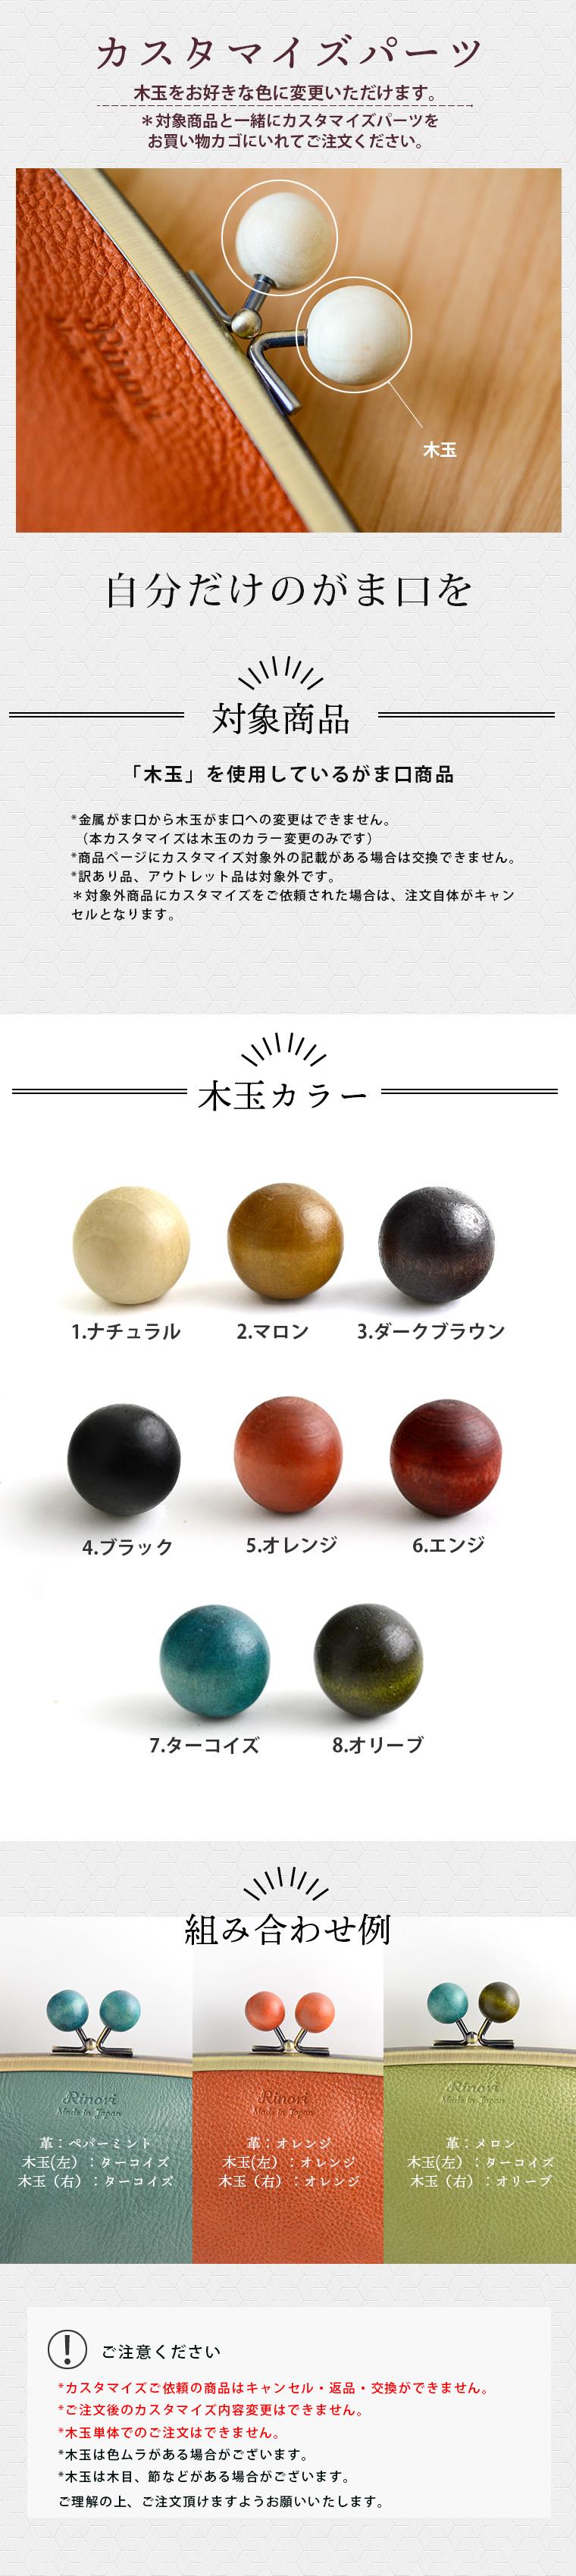 木玉 カスタマイズ